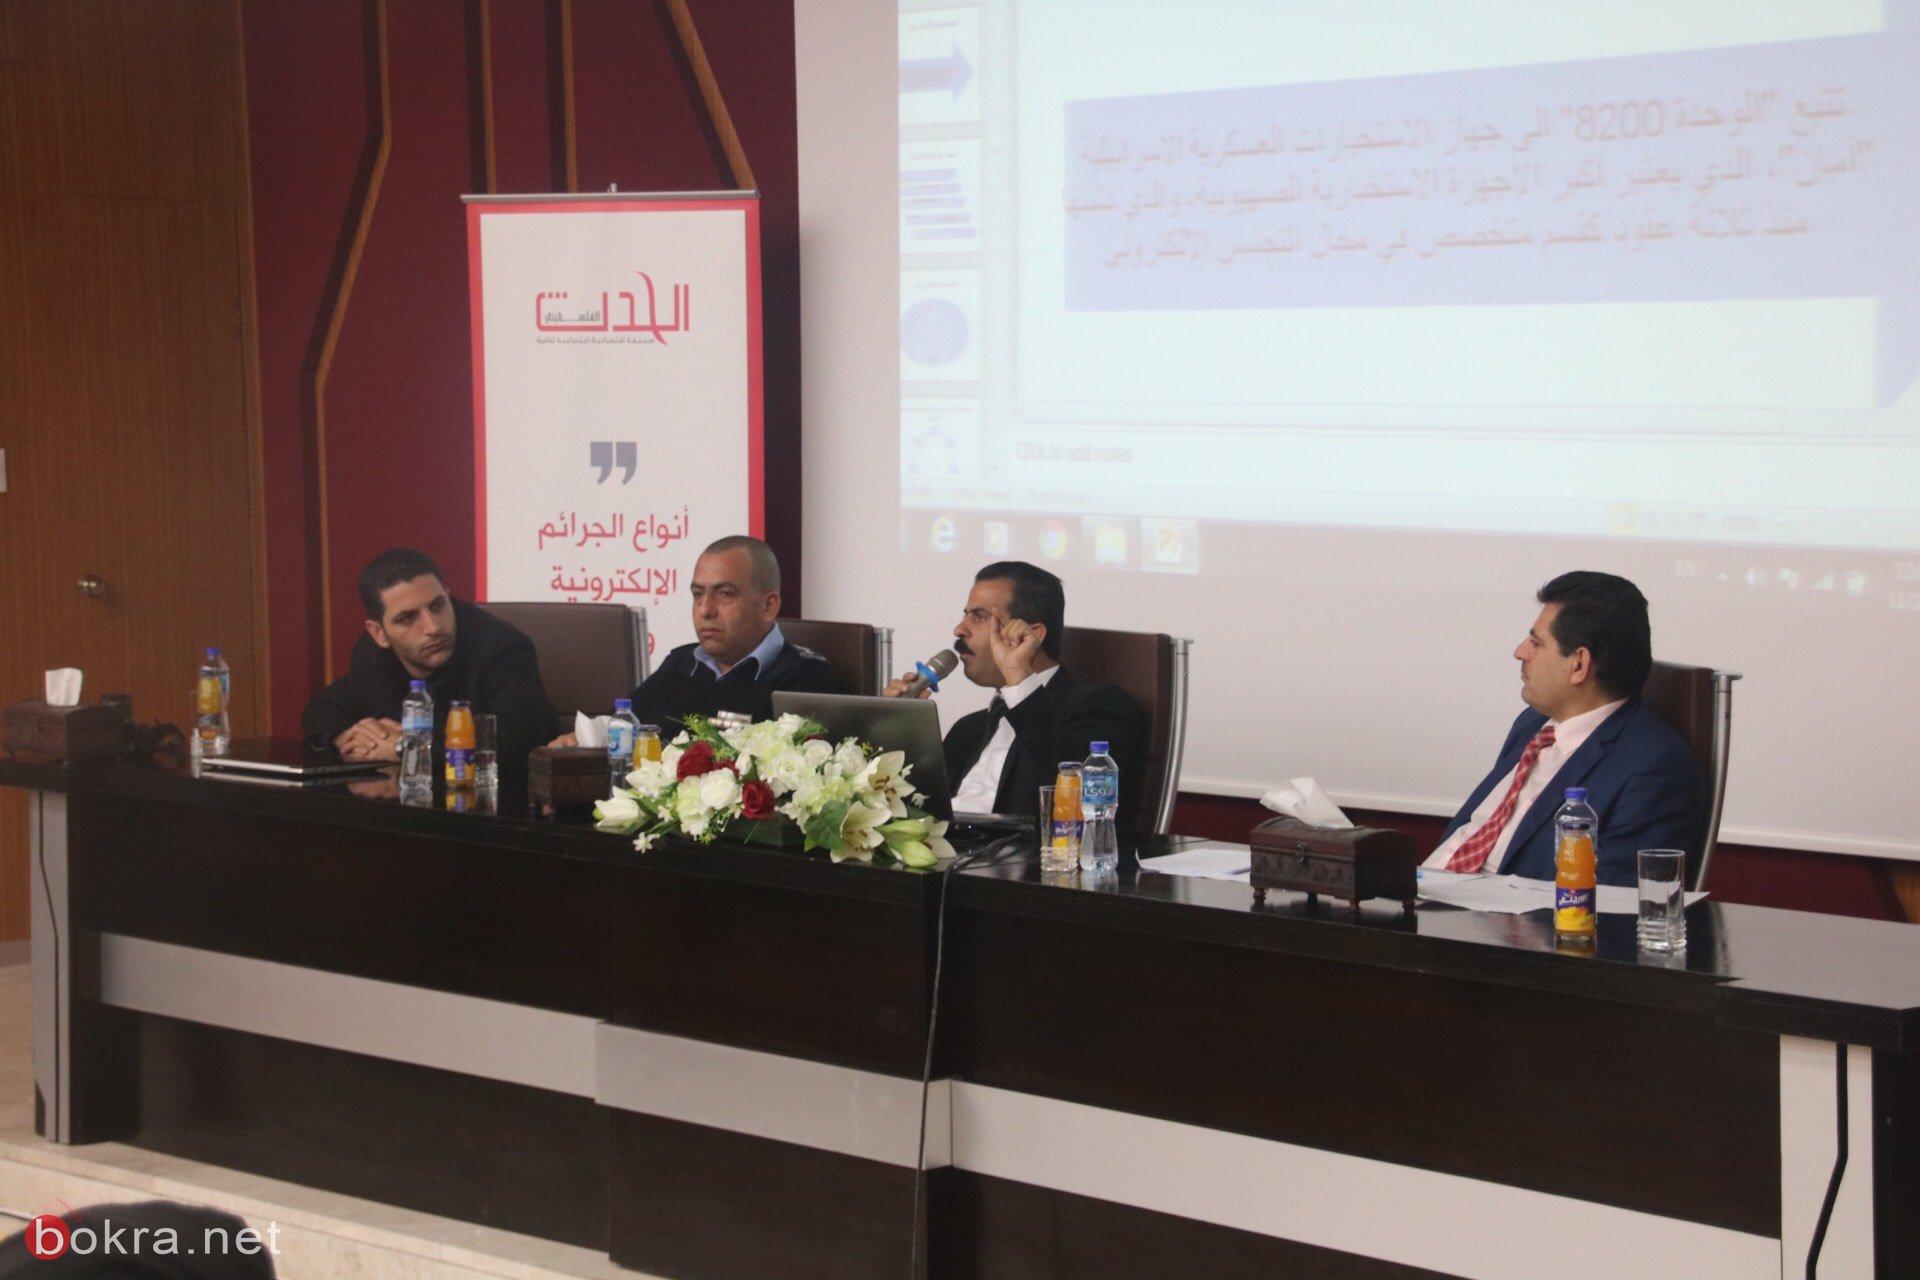 قانون الجرائم الالكترونية في الضفة بين التشريع والتطبيق